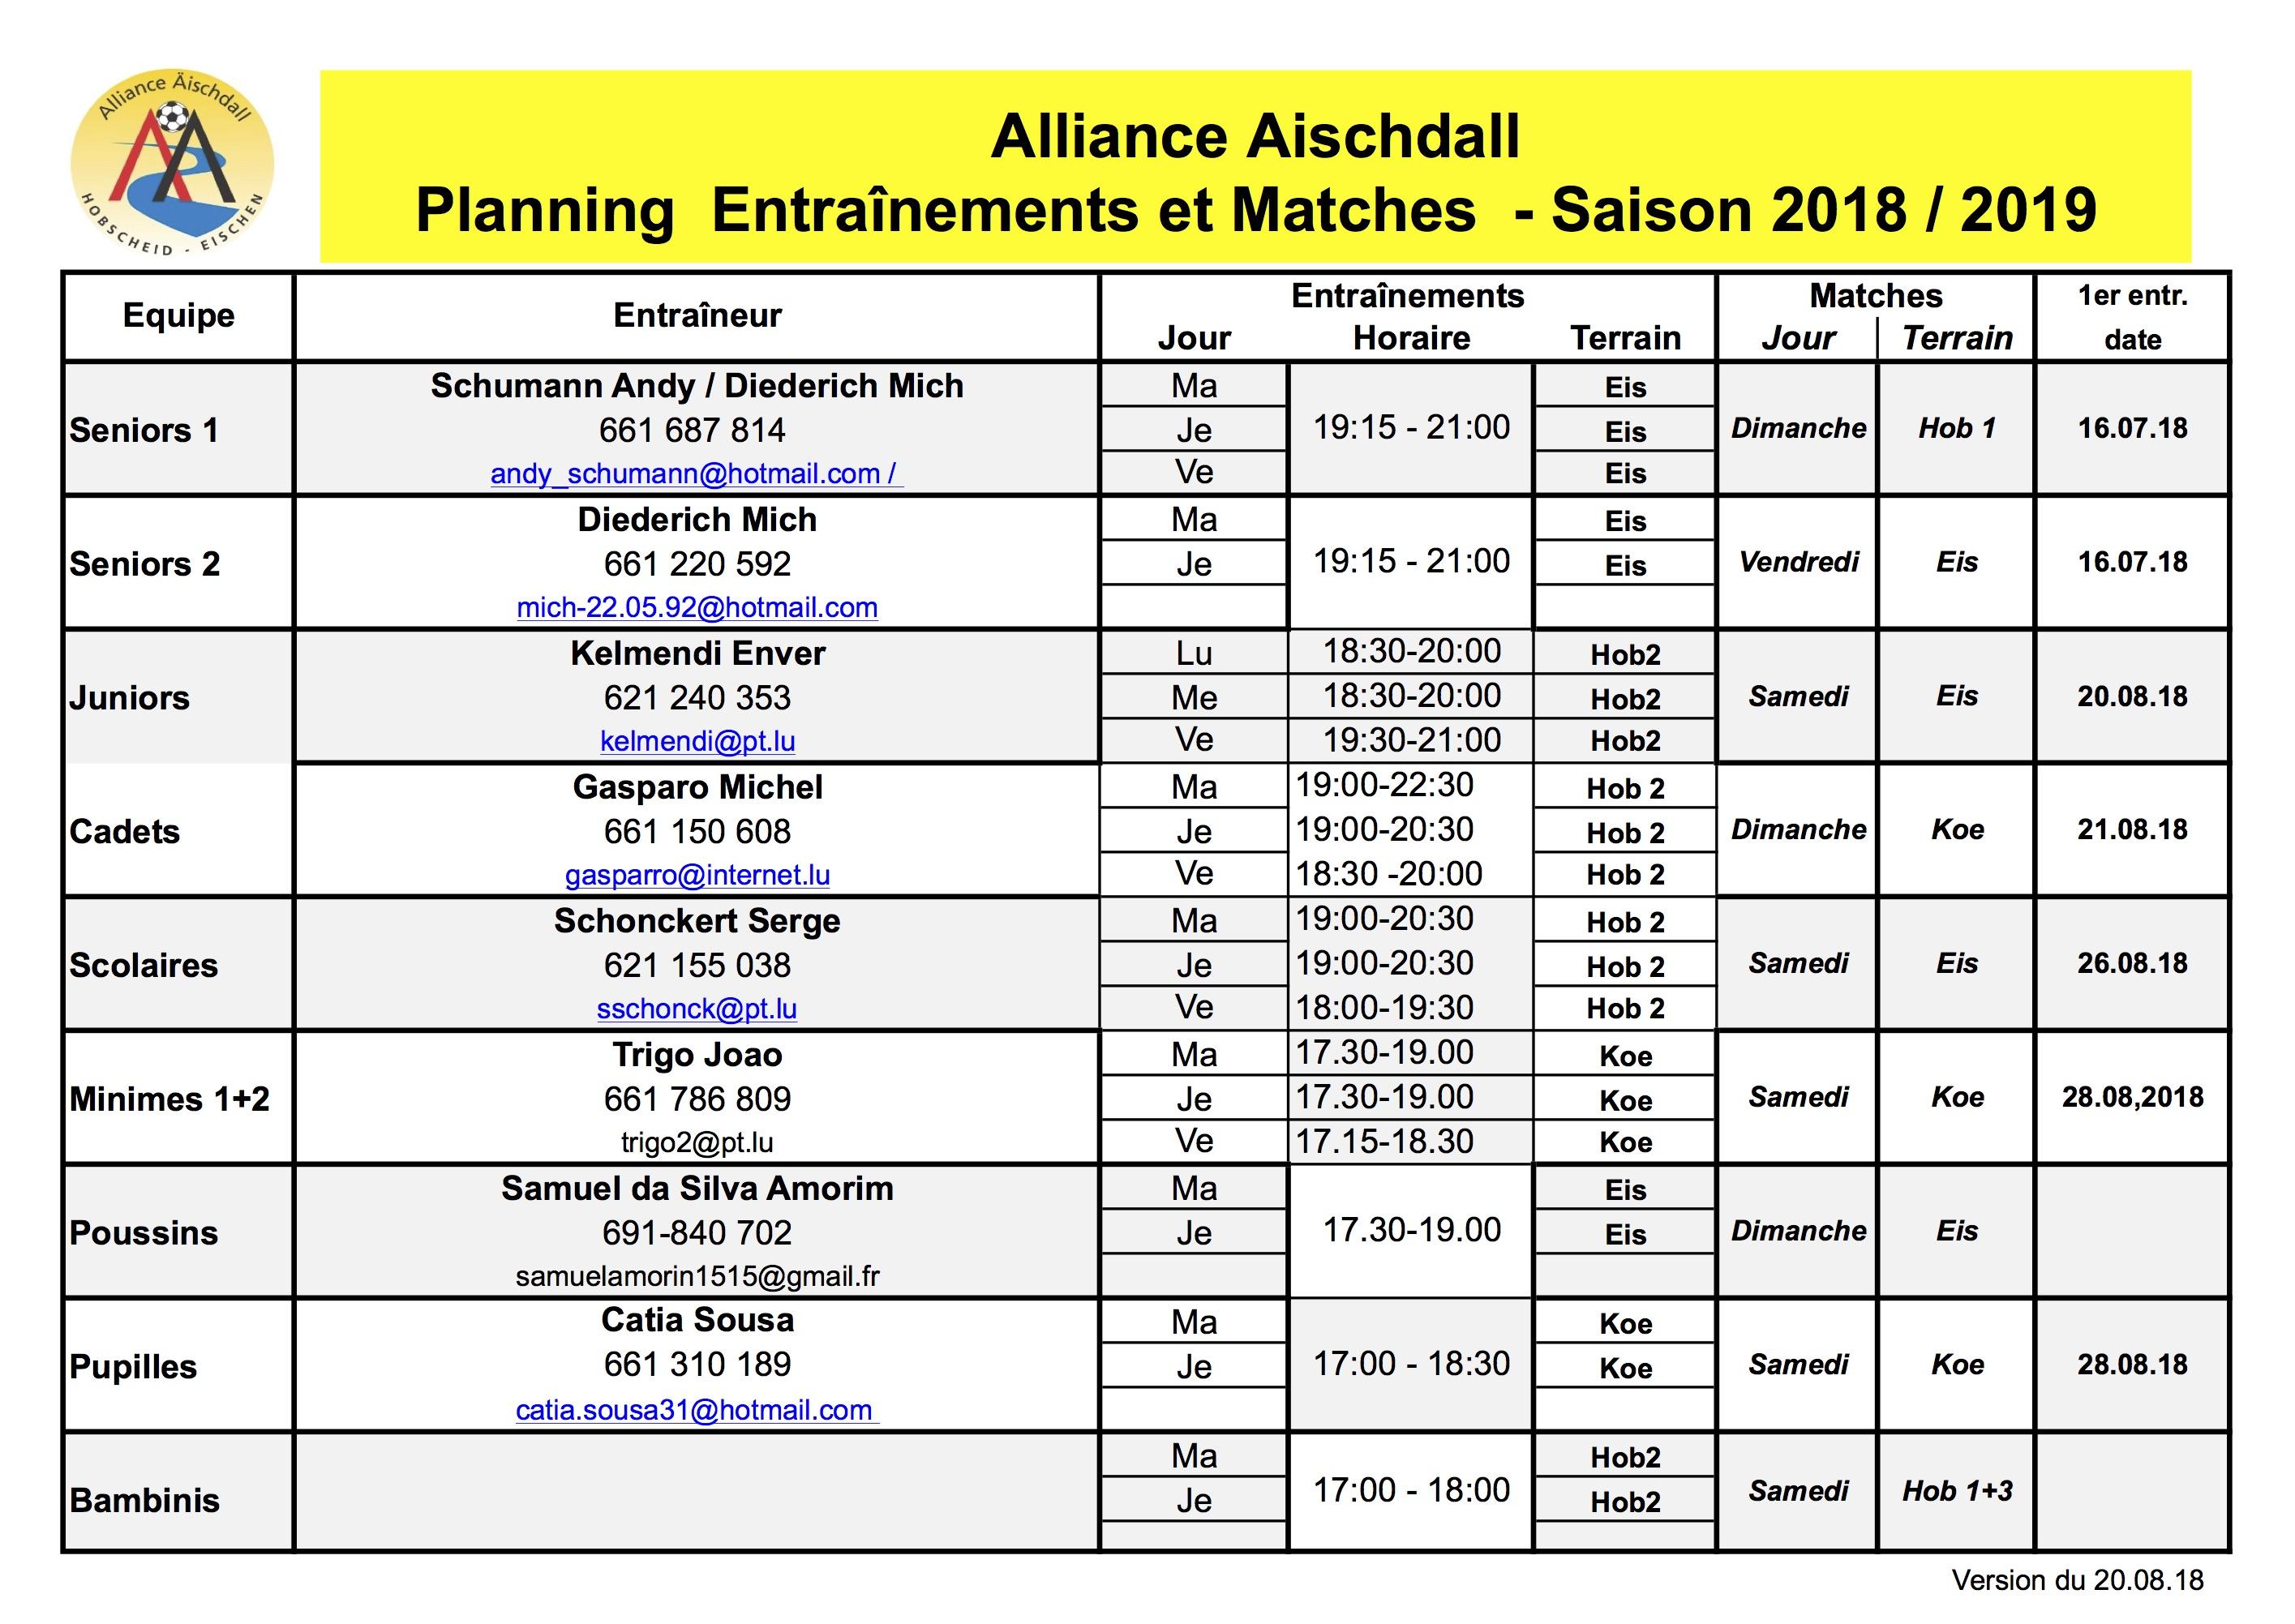 Planning 2018/2019 - An nach emmer op der Sich...